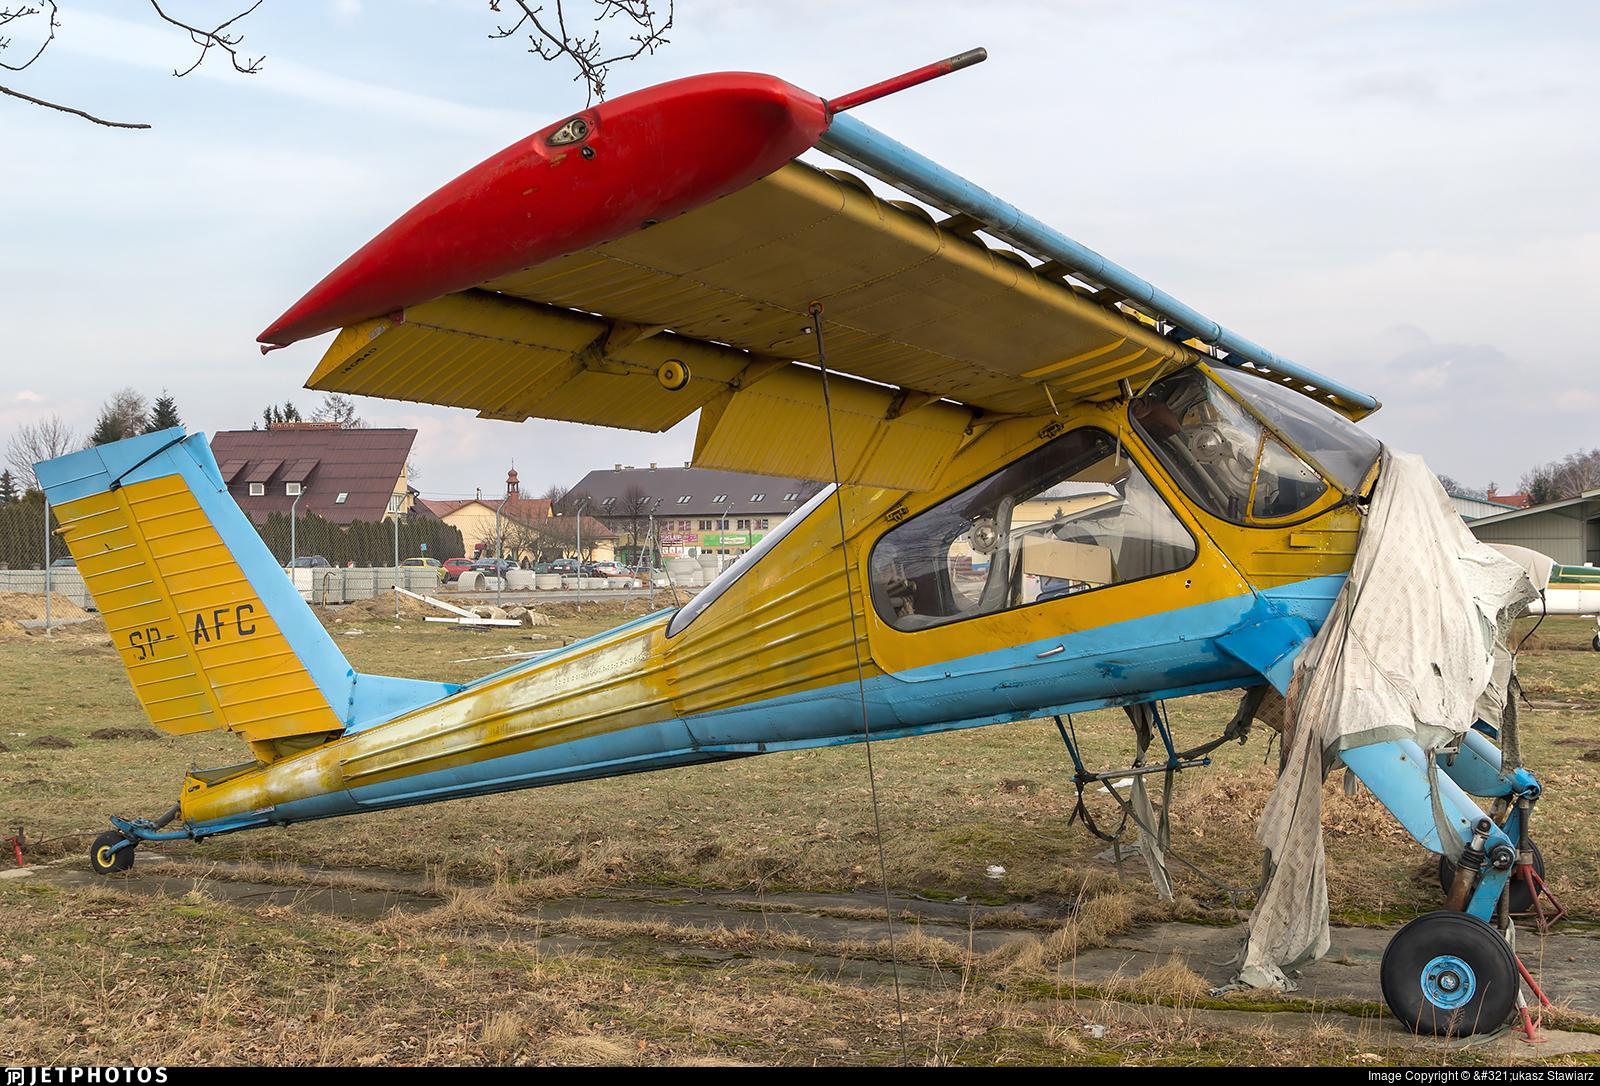 SP-AFC - PZL-Okecie 104 Wilga 35 - Aero Club - Rzeszowski